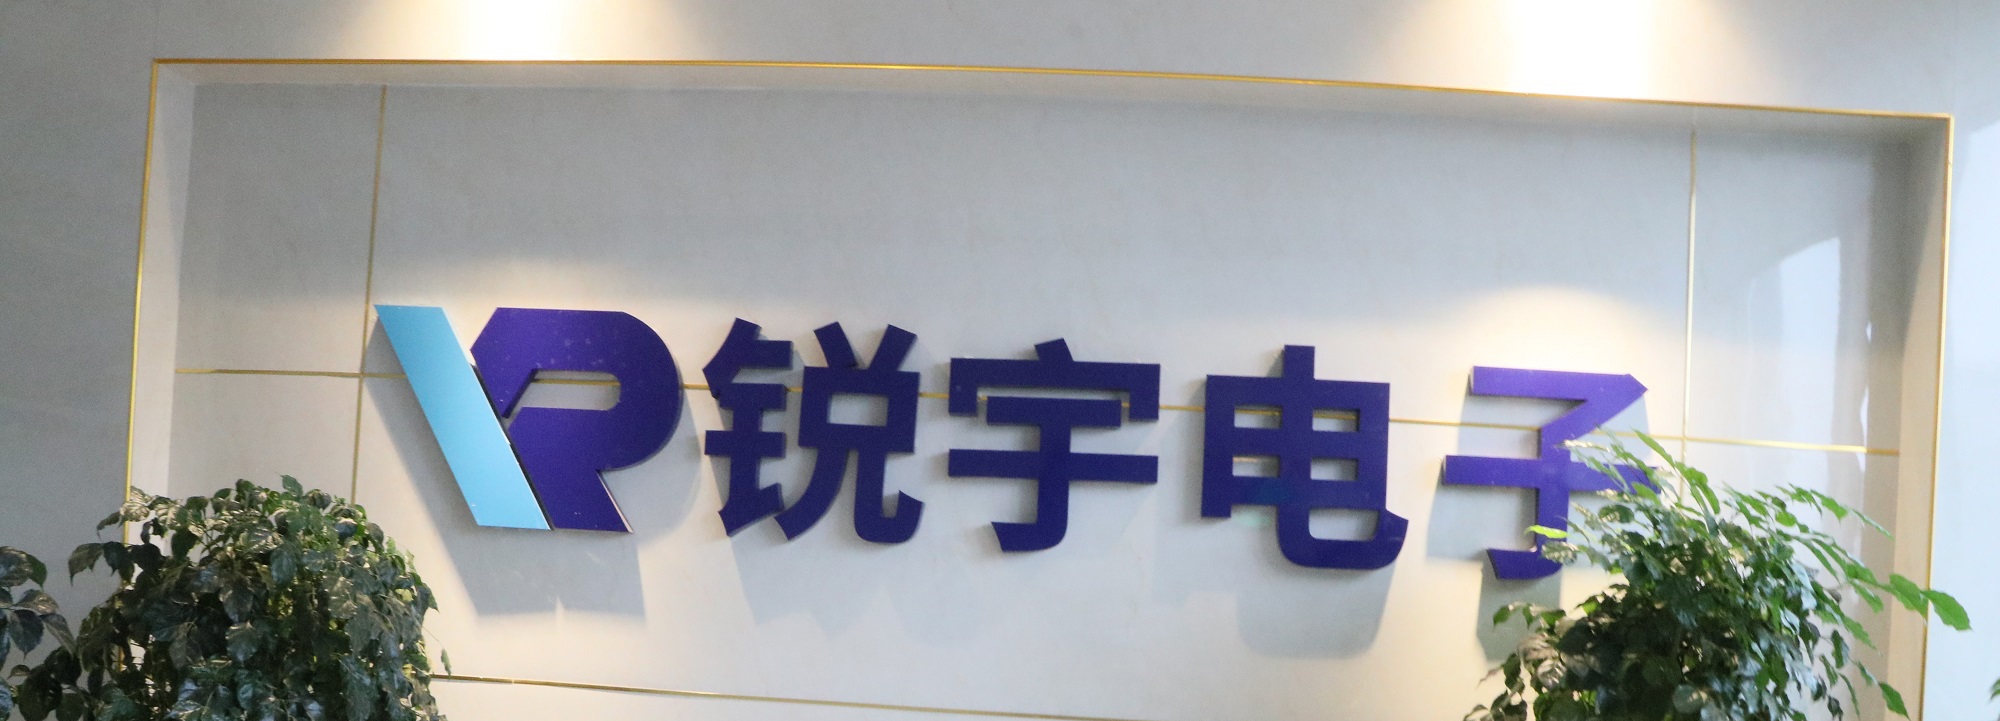 贵州松桃锐宇电子科技有限公司